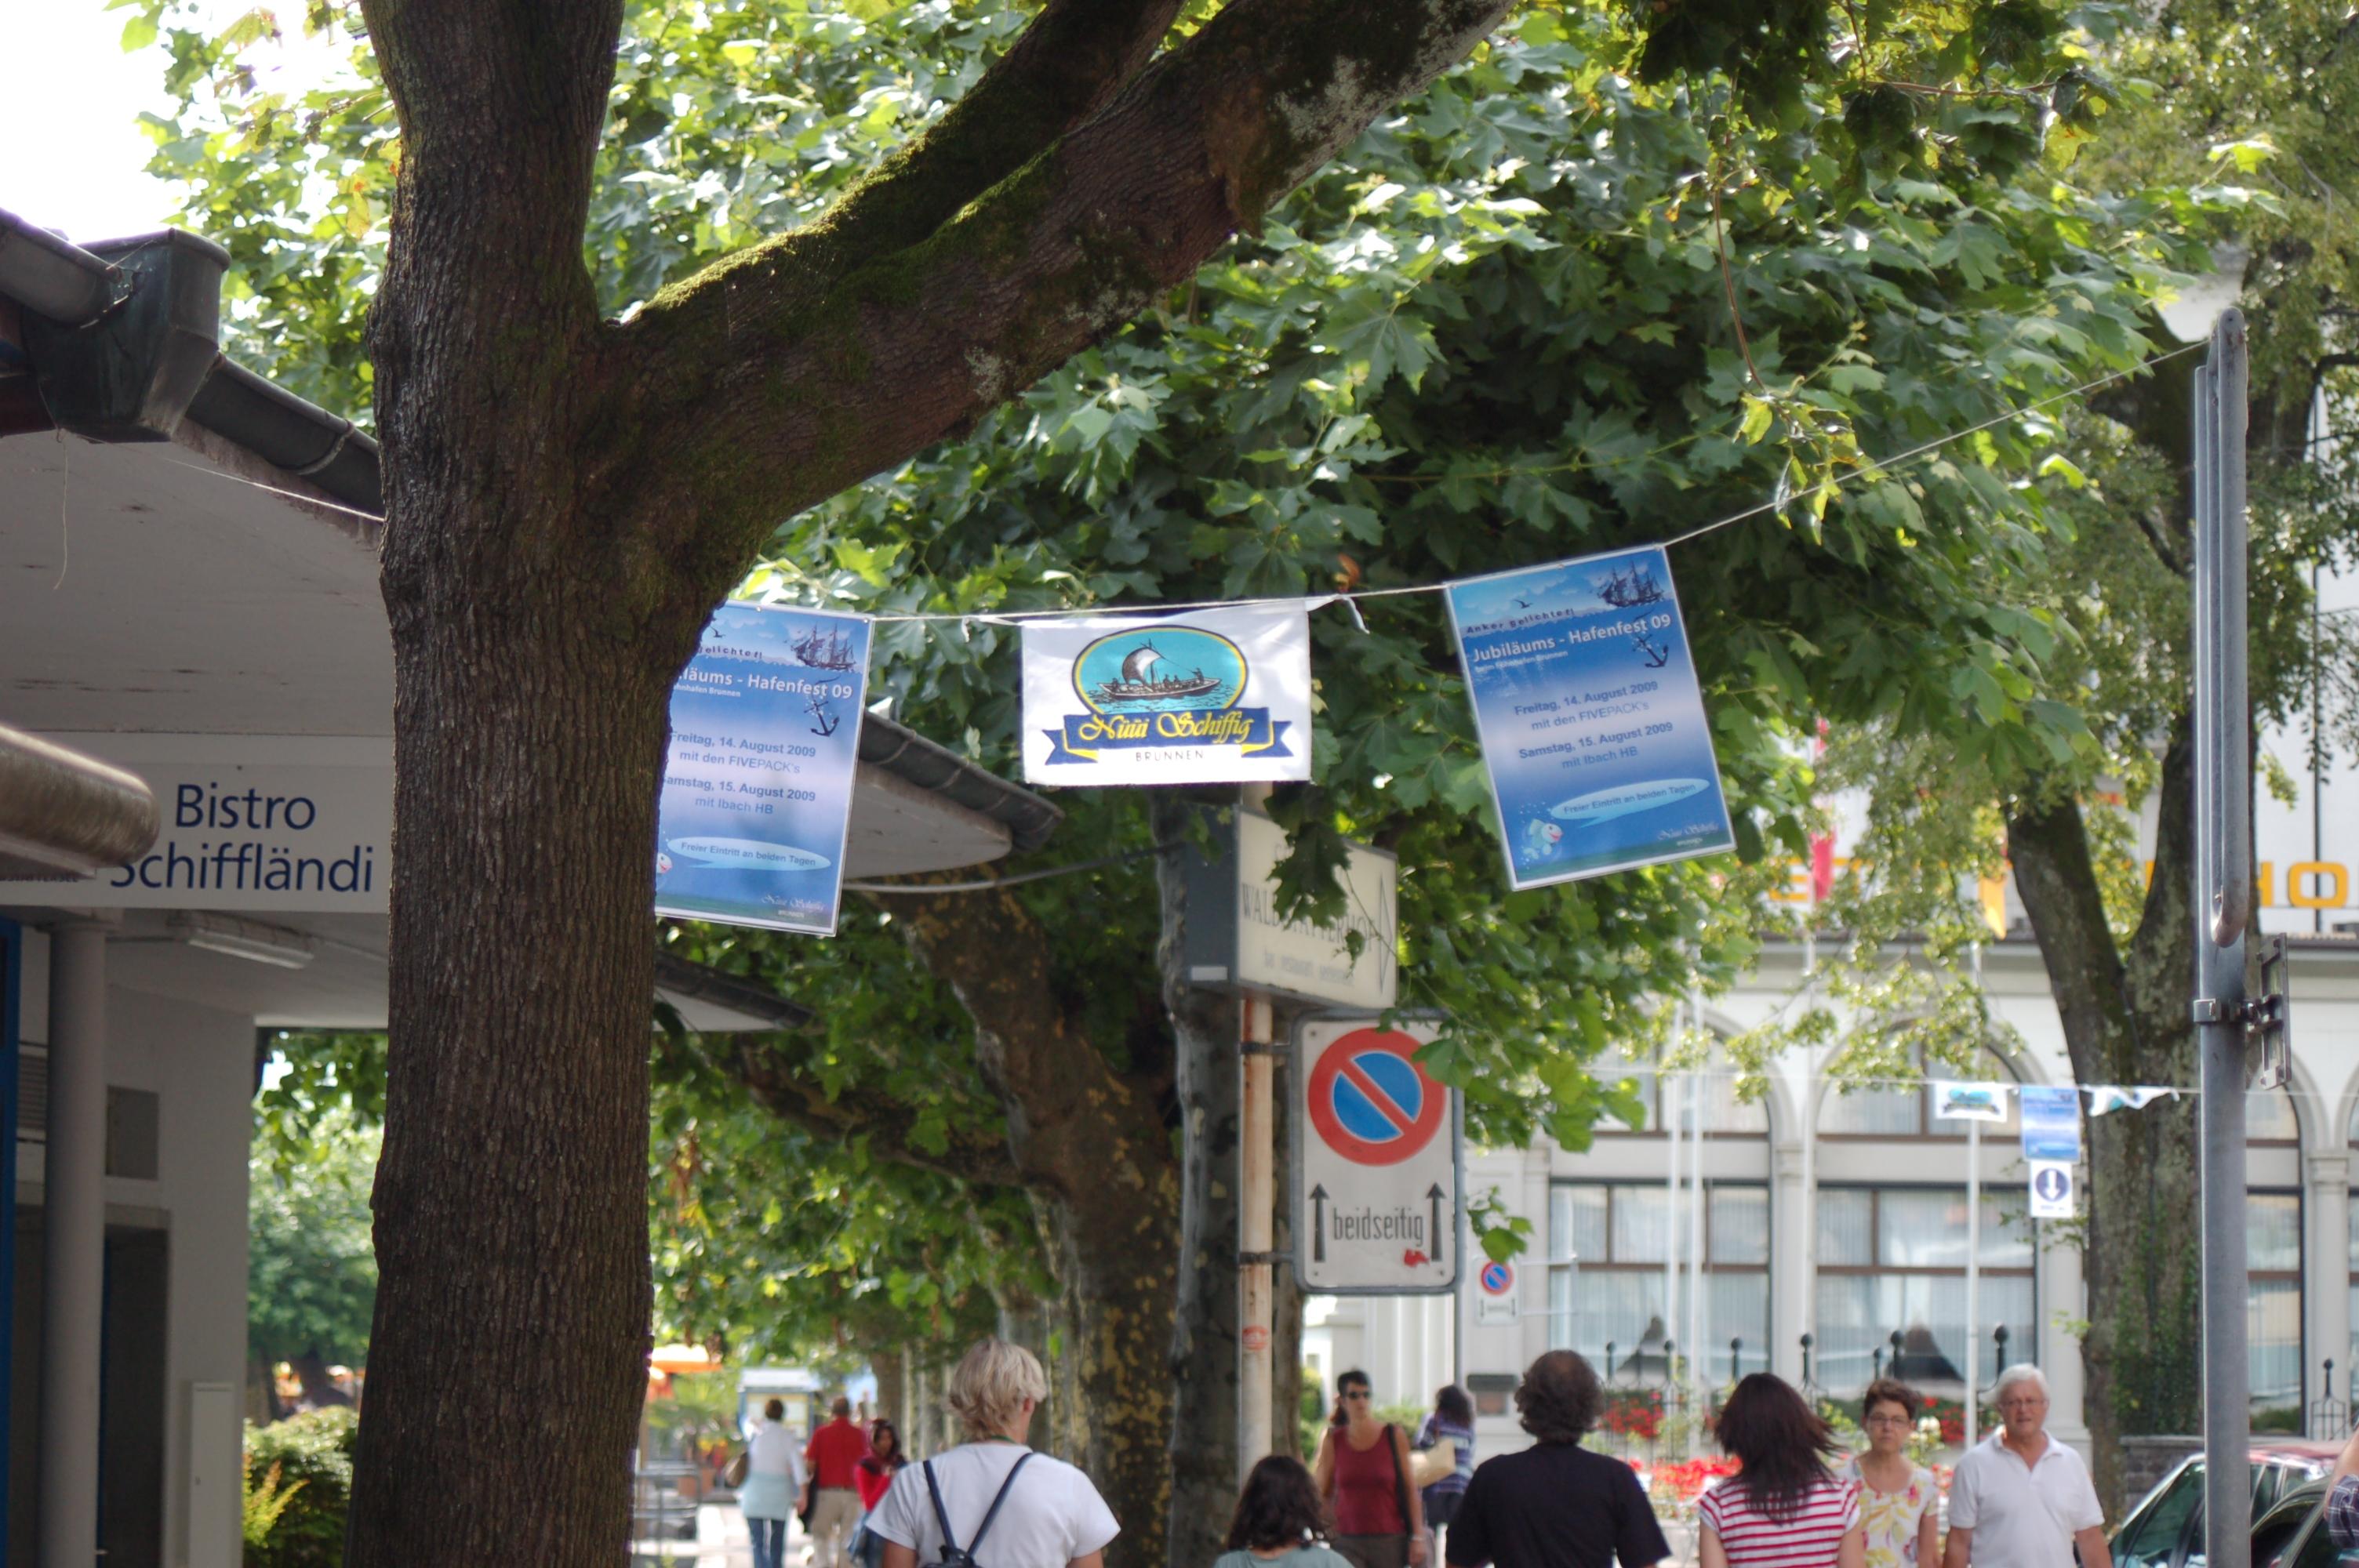 igf-hafenfest-brunnen-2009-04